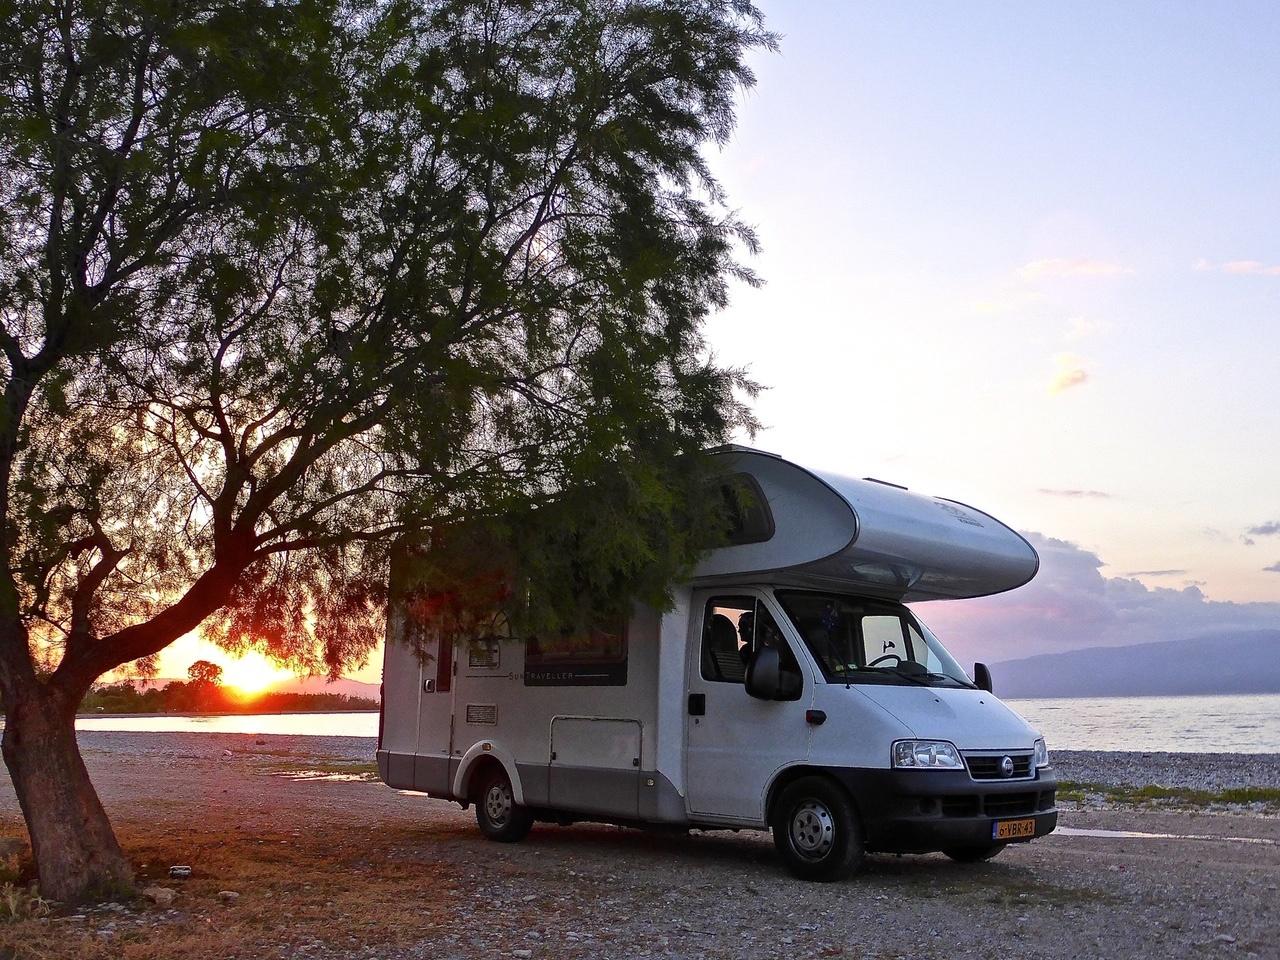 Inhaltsversicherung für Wohnmobile und Wohnwagen